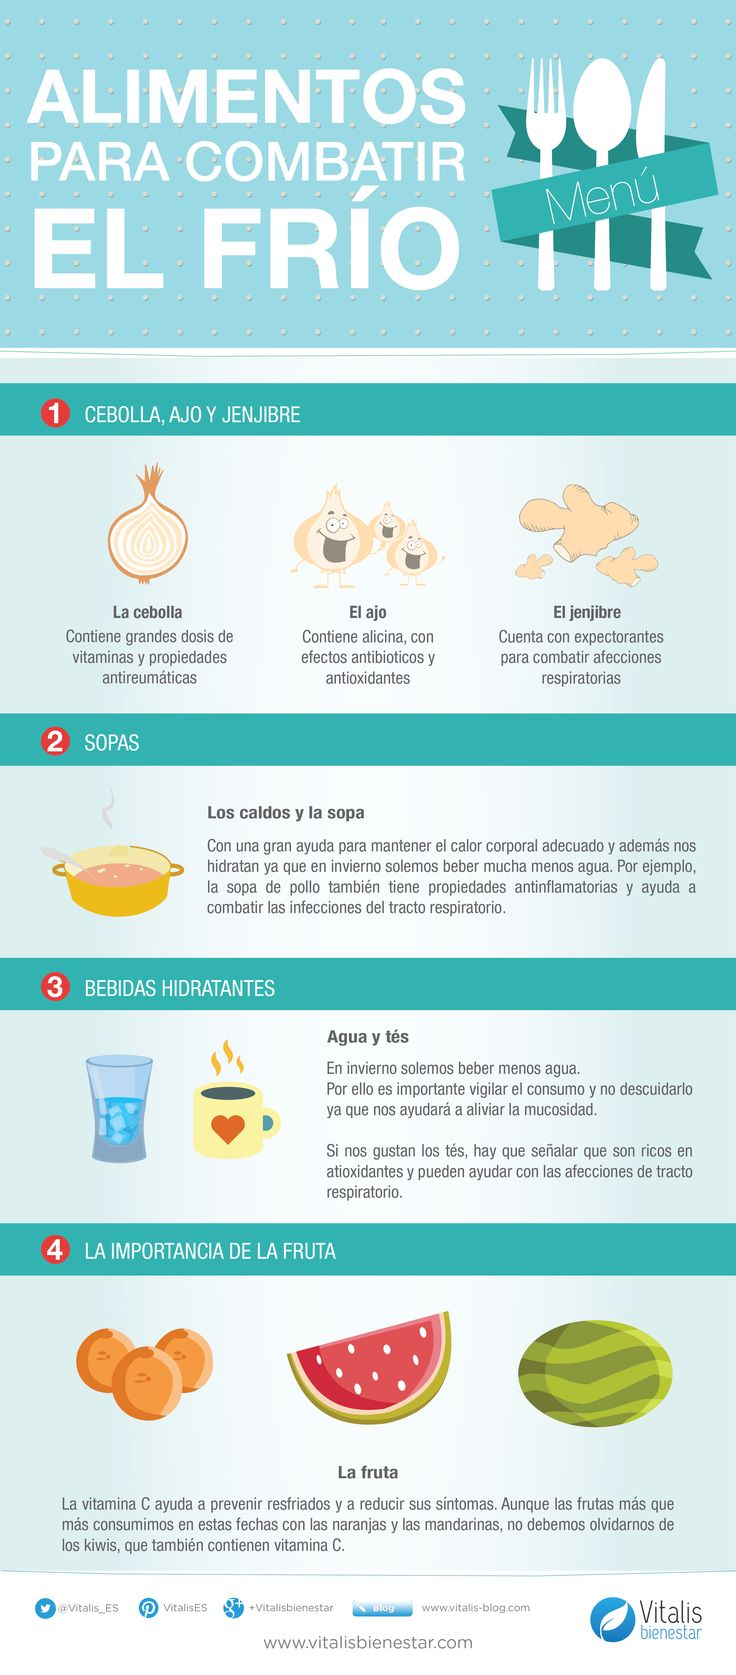 Los mejores alimentos para combatir el frío. Con el frío que hace, es normal que queramos calentarnos de cualquier forma para no pasarlo tan mal. #infografía #salud